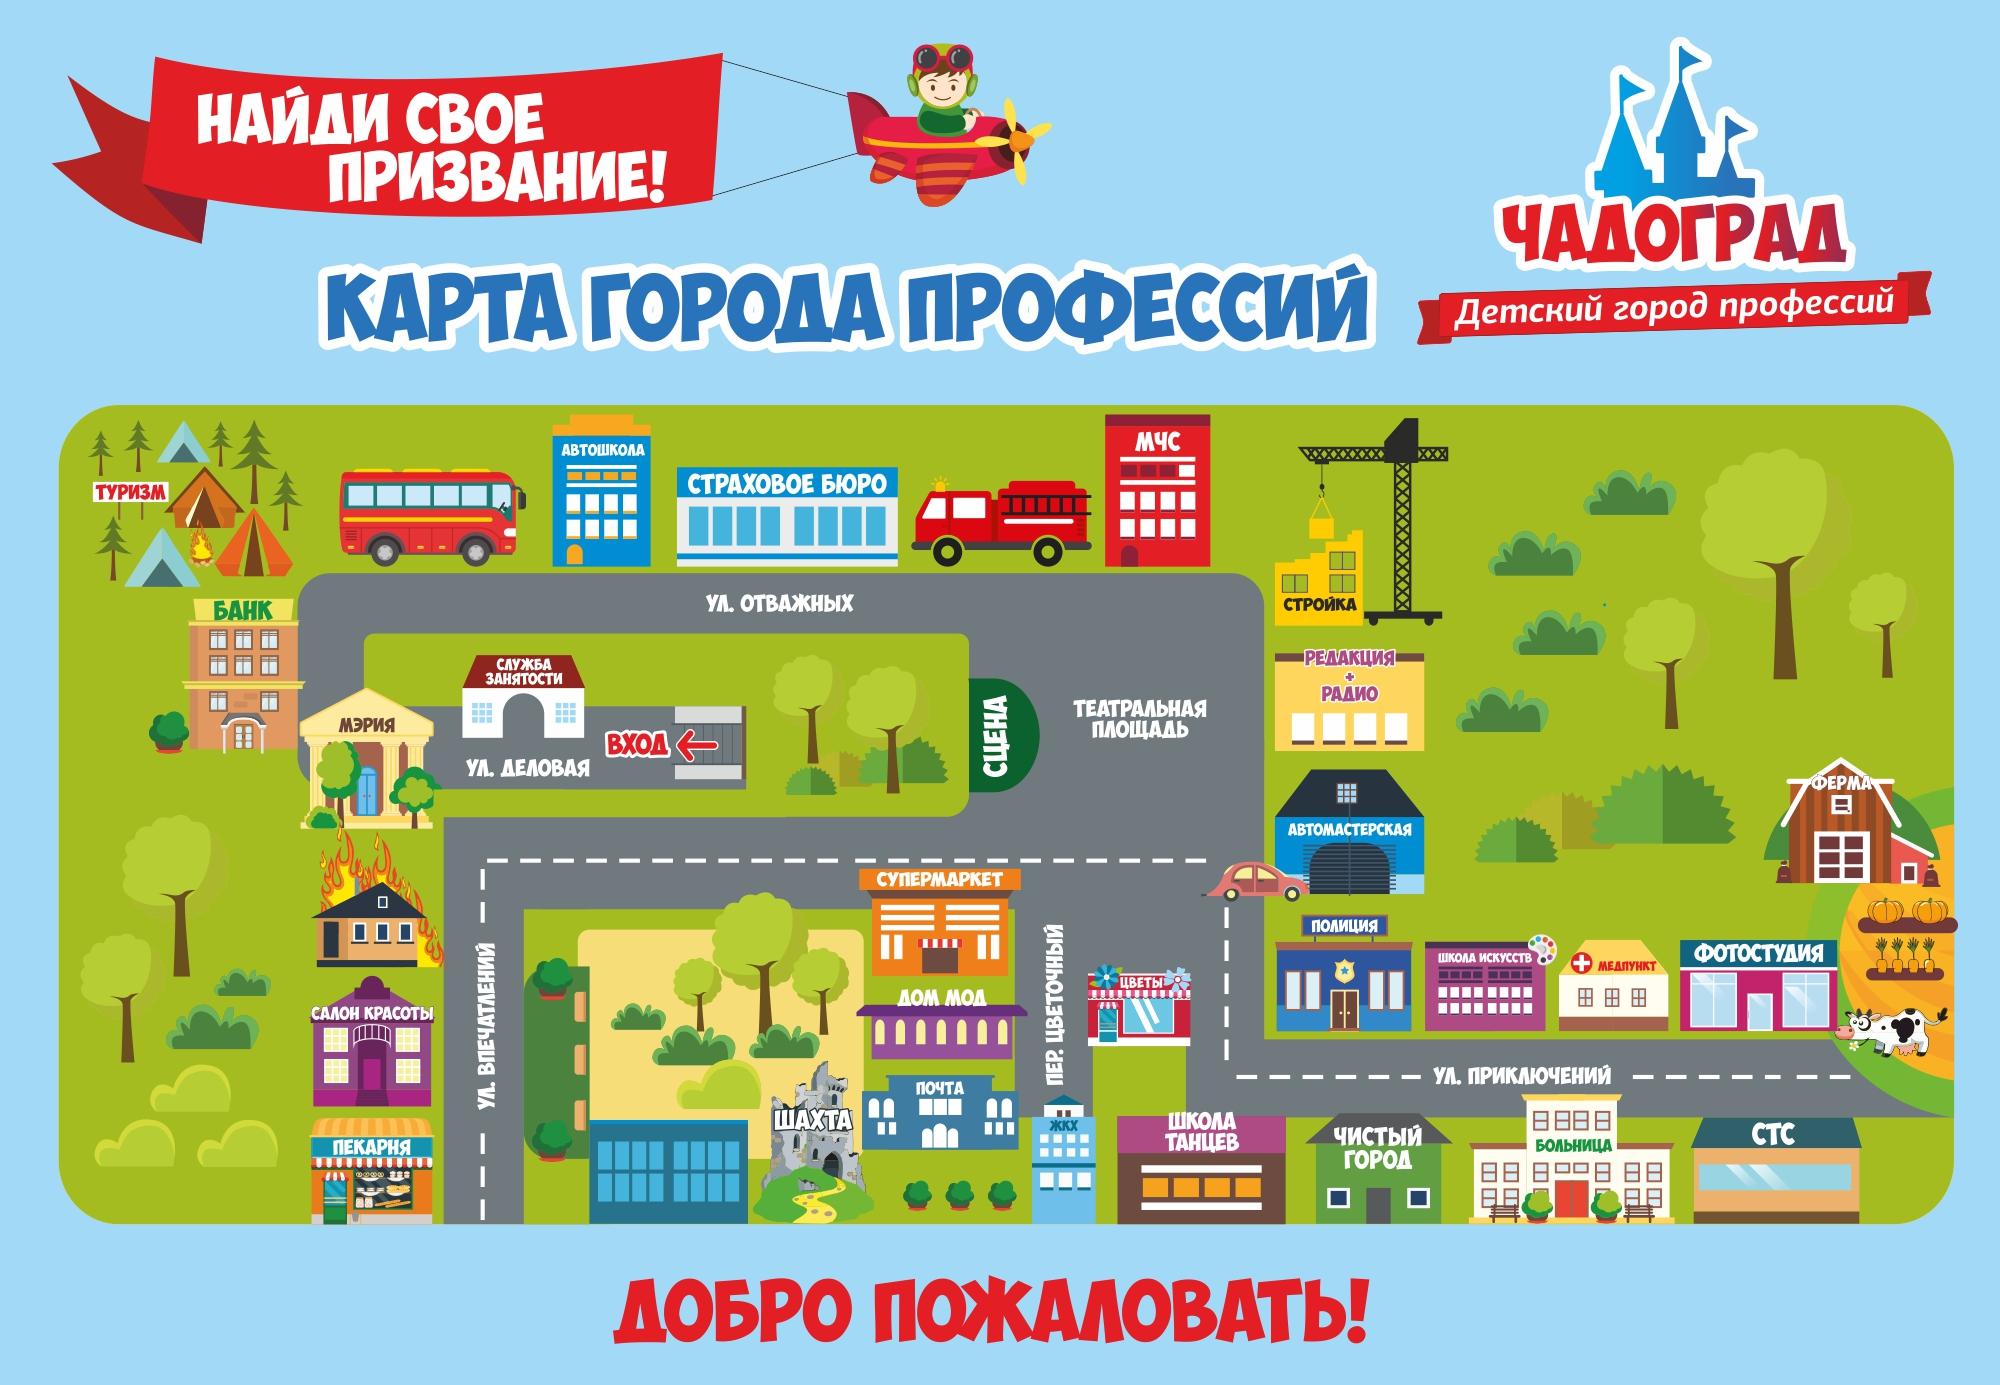 В детском городе профессий «Чадоград» на территории ТРЦ «Фокус» в Челябинске произошла грандиозна